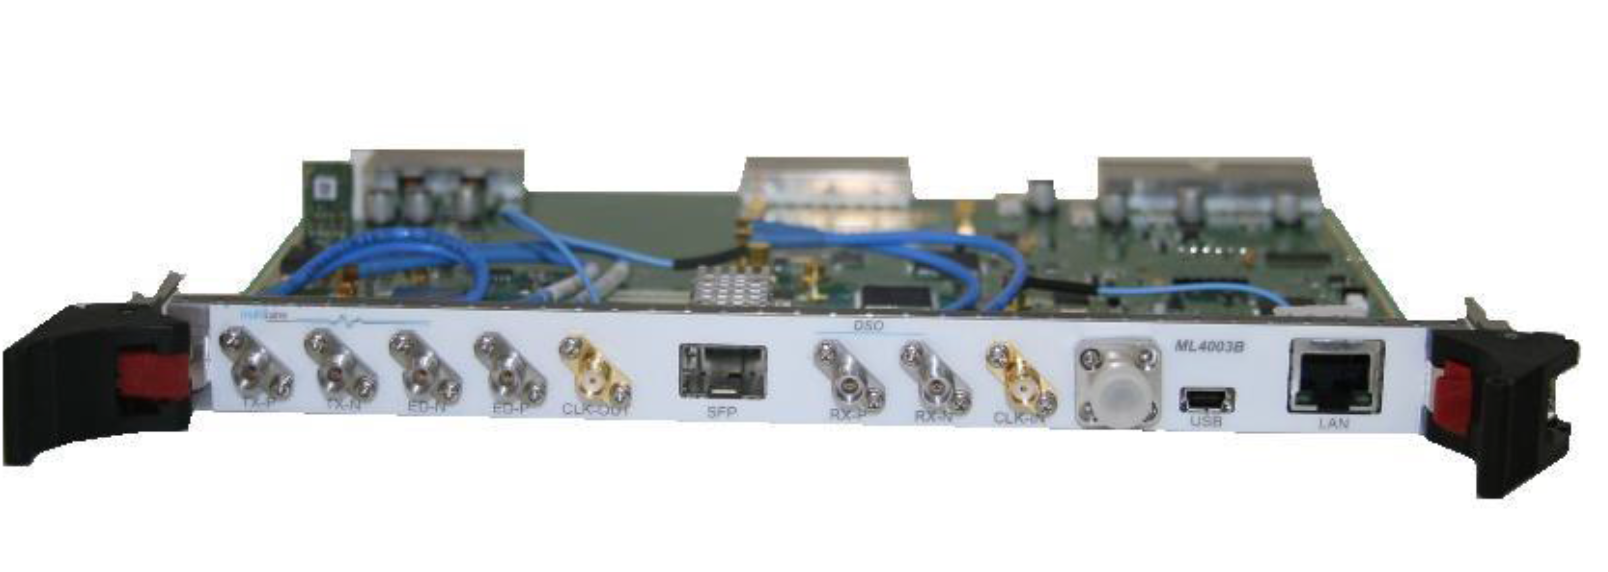 ML4003B-B16